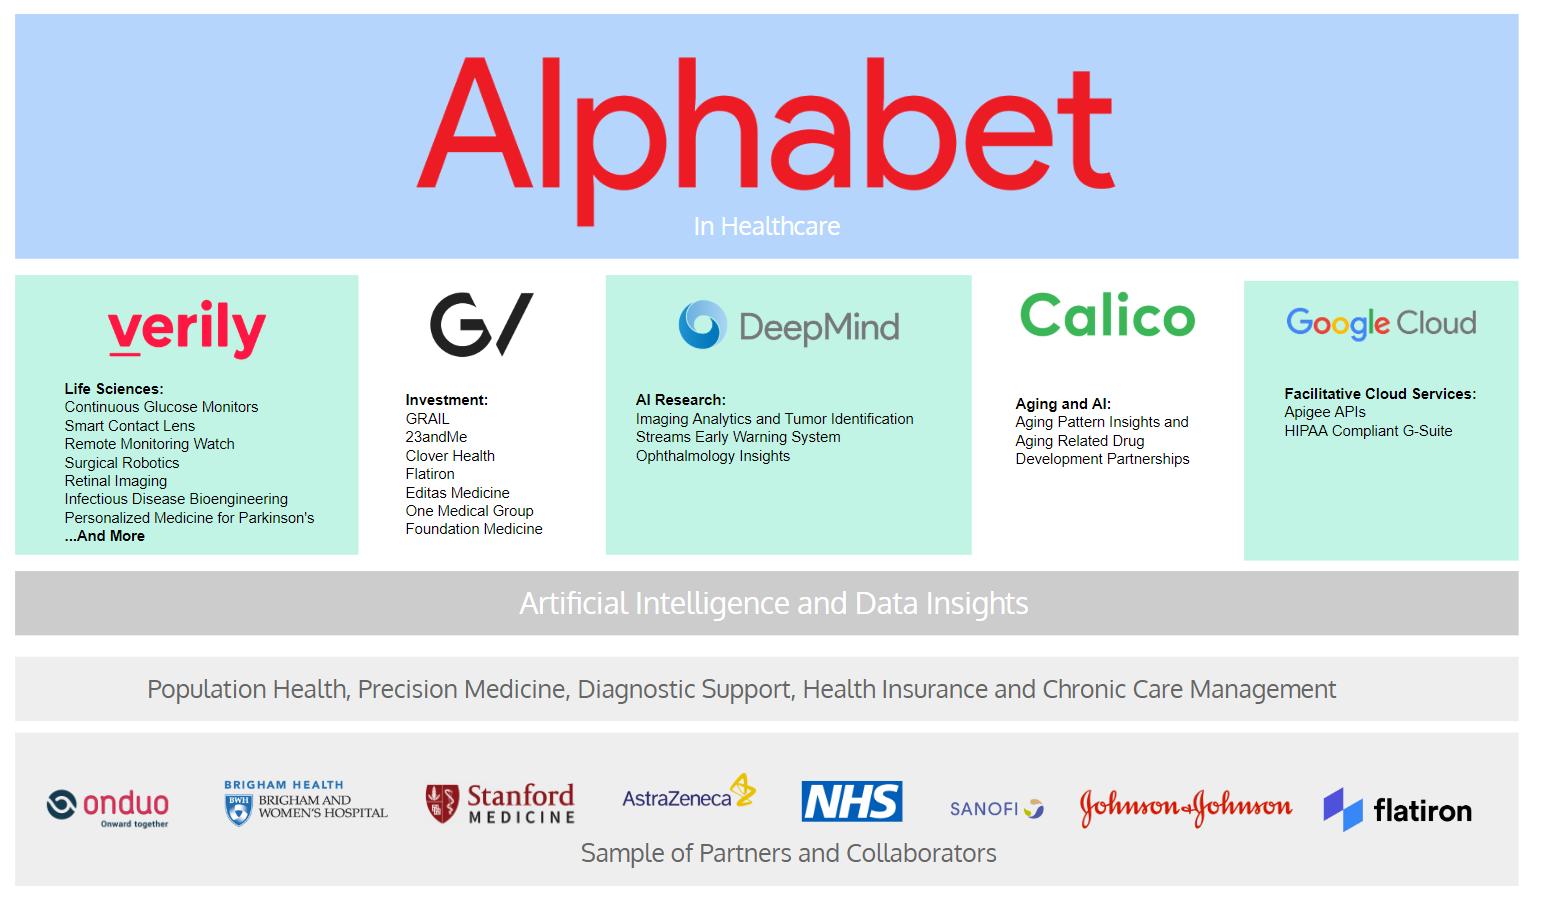 谷歌人工智能重塑医疗业 用户数据面临隐私挑战